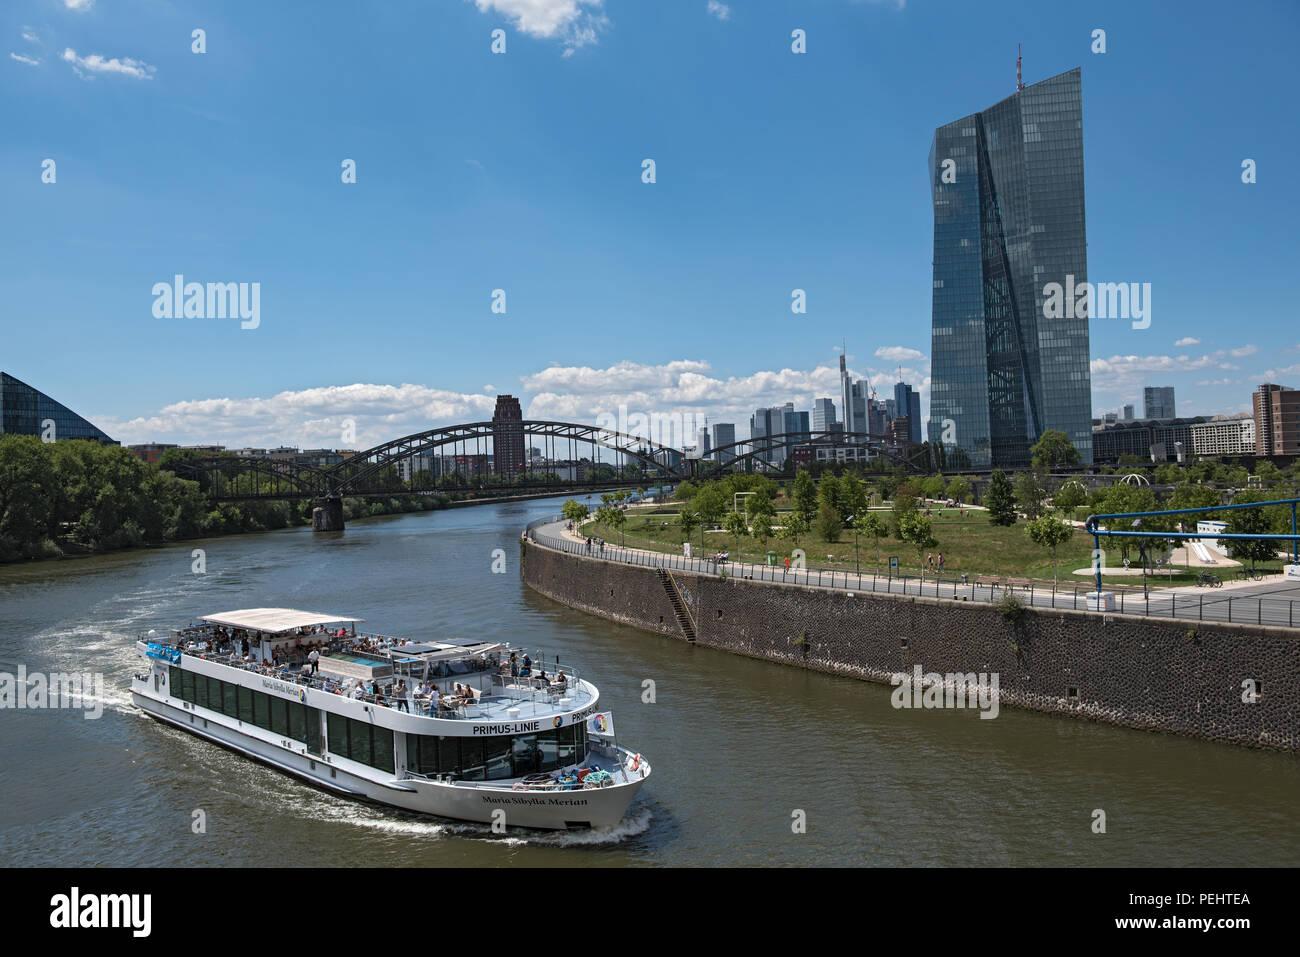 ff809c986ad5f8 Blick auf den Fluss Main mit touristischen Schiff und Skyline in Frankfurt  am Main